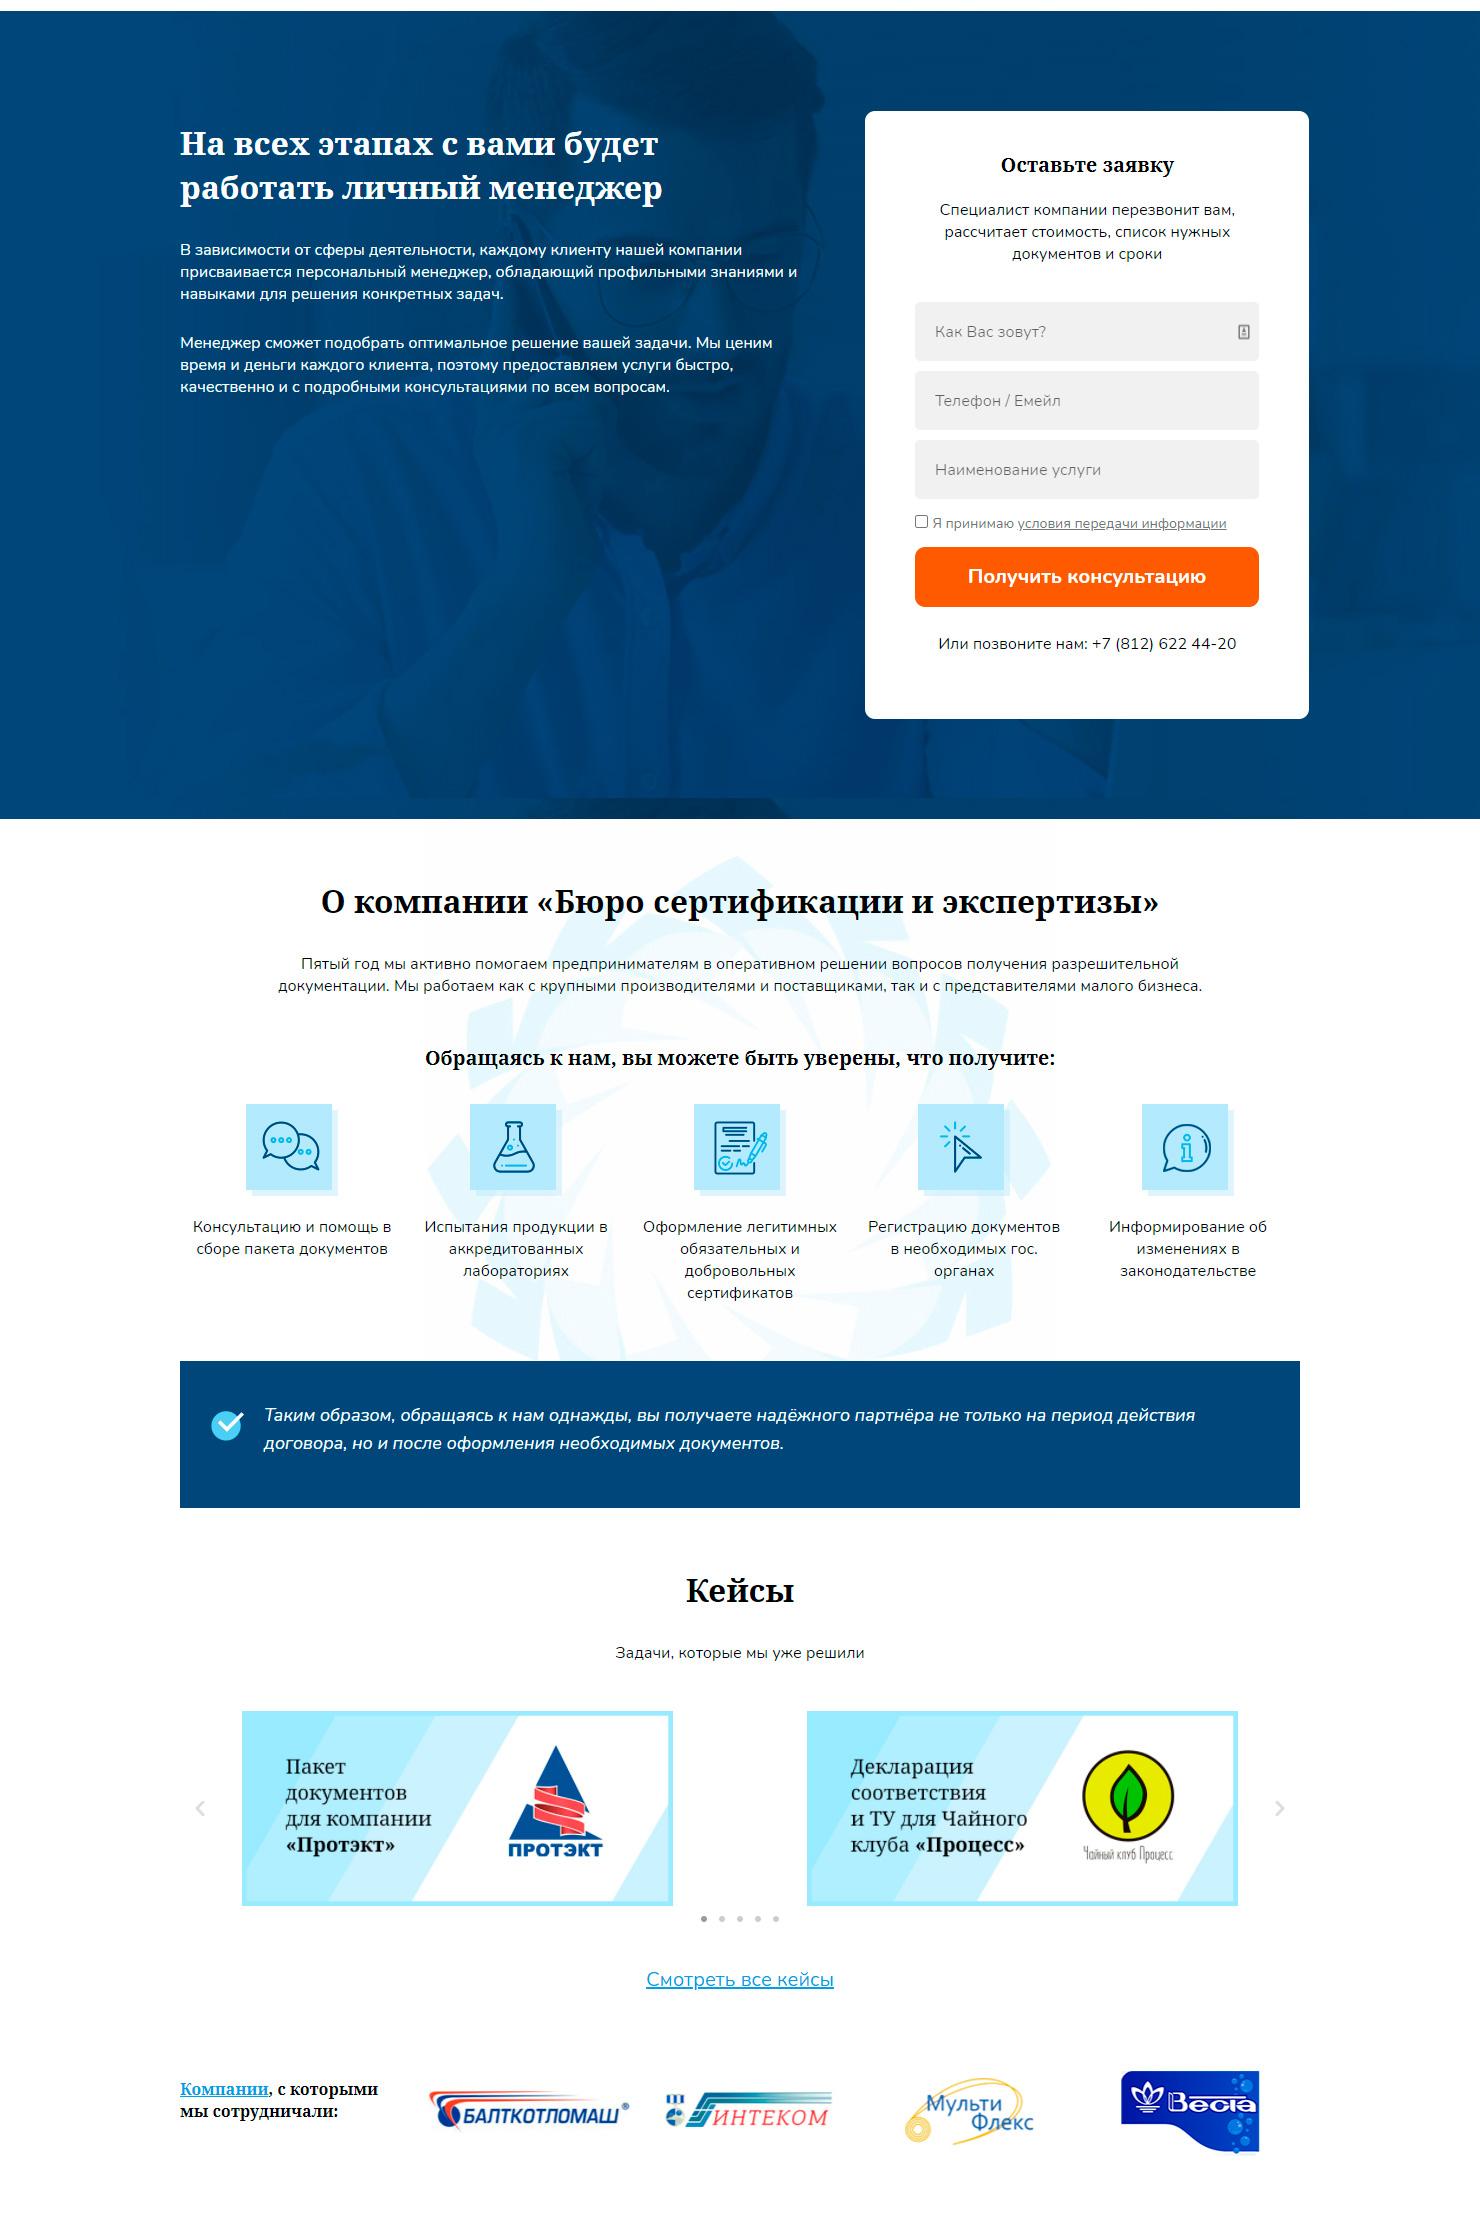 Кейс: Сайт компании Бюро сертификации и экспертизы